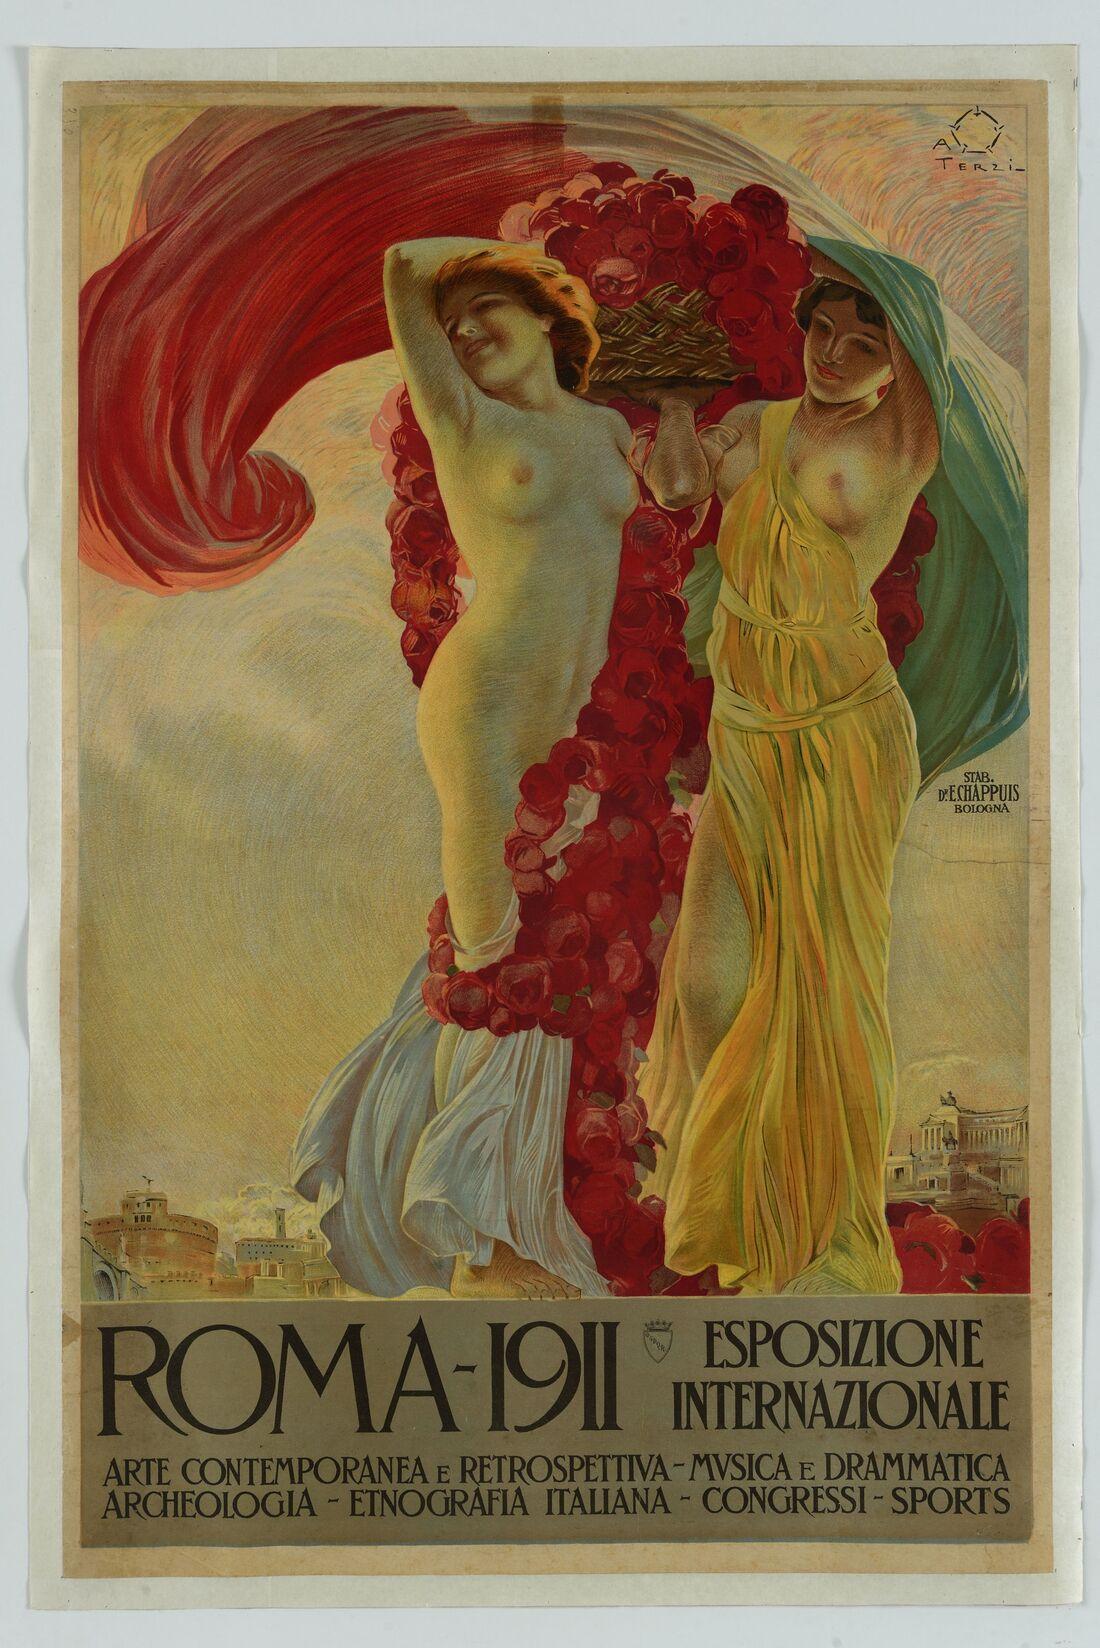 Aleardo Terzi, Manifesto per l'Esposizione Internazionale Roma 1911, Civica Raccolta delle Stampe A. Bertarelli, Castello Sforzesco, Milano